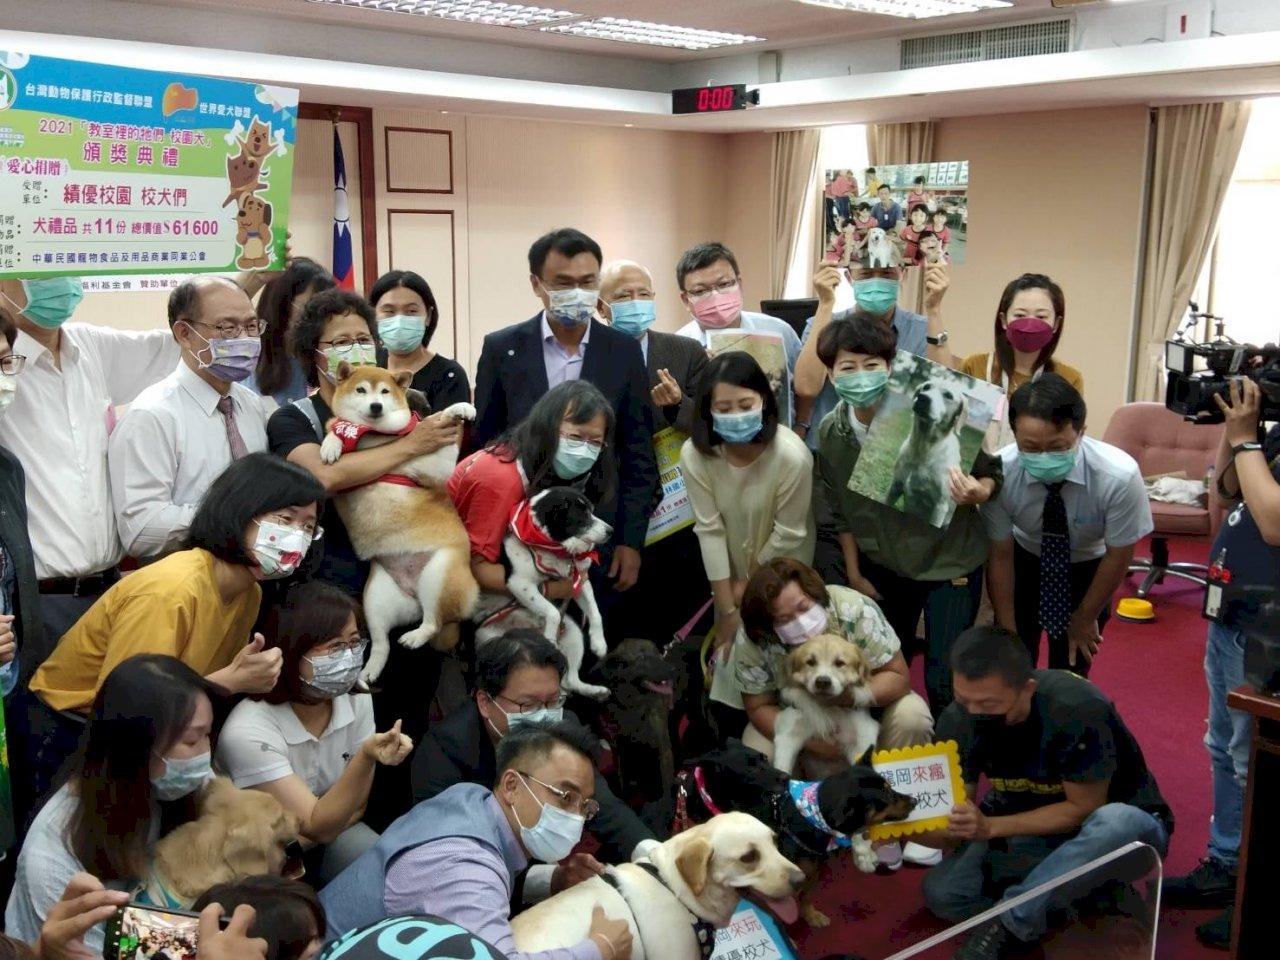 推廣校園「毛老師」 陳吉仲:全面支持校犬計畫經費